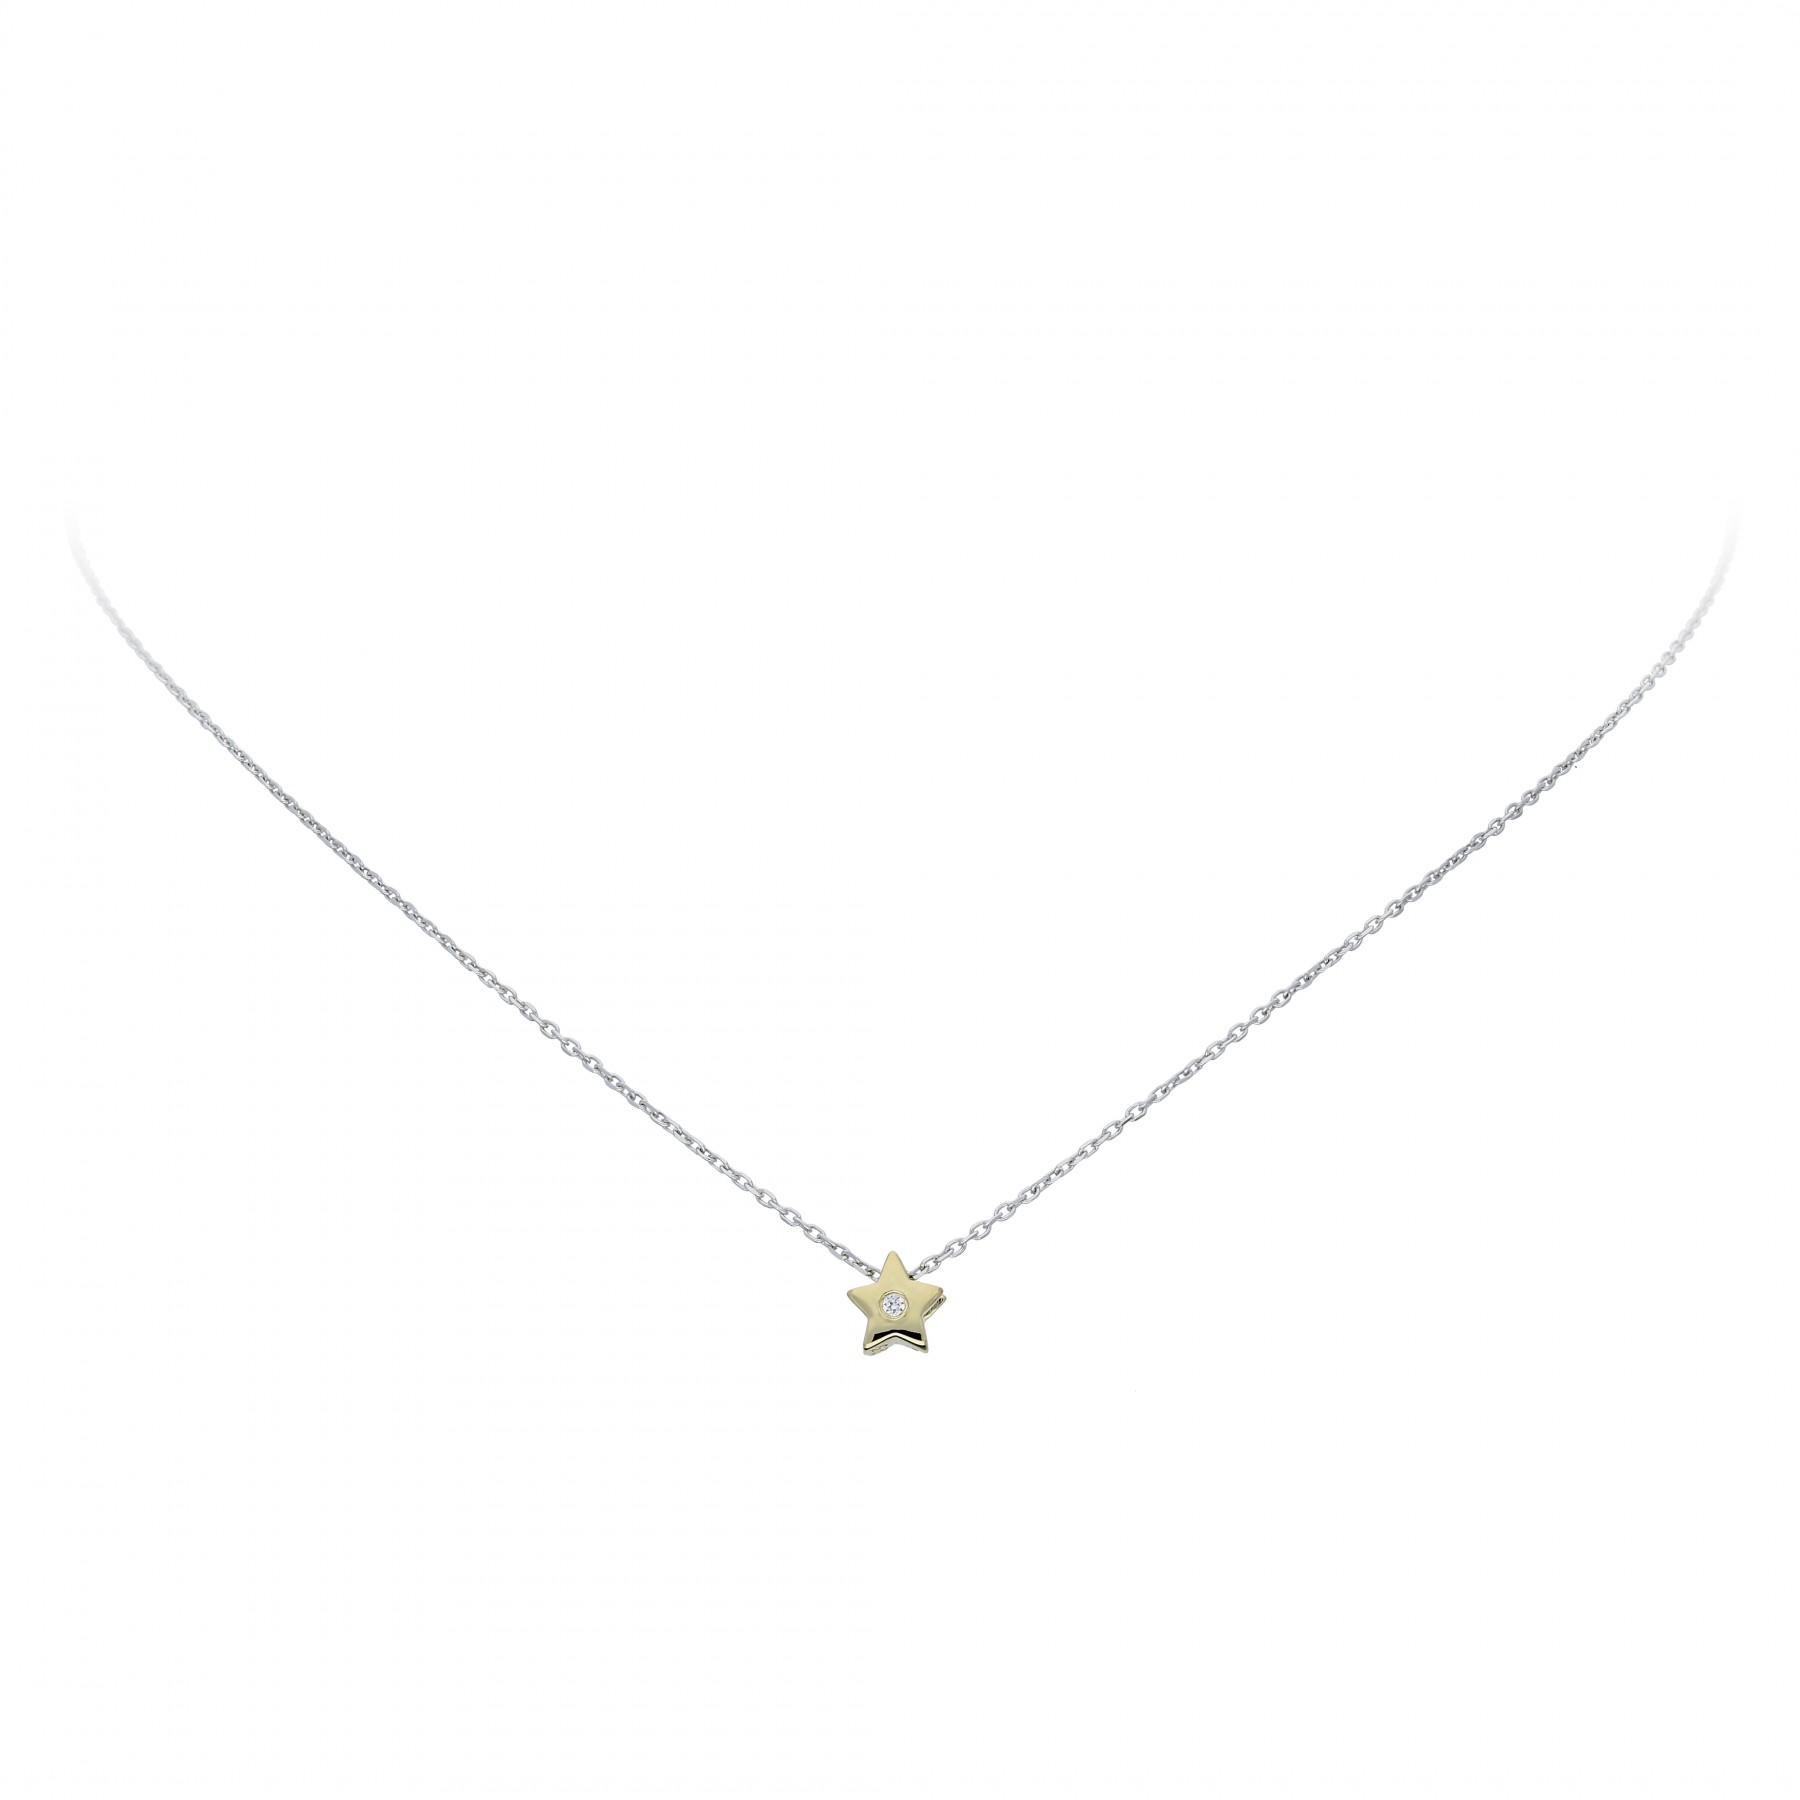 Glow Gouden Collier Met Hanger - 42 Cm Ster Zirkonia Ankerschakel 202.5021.42